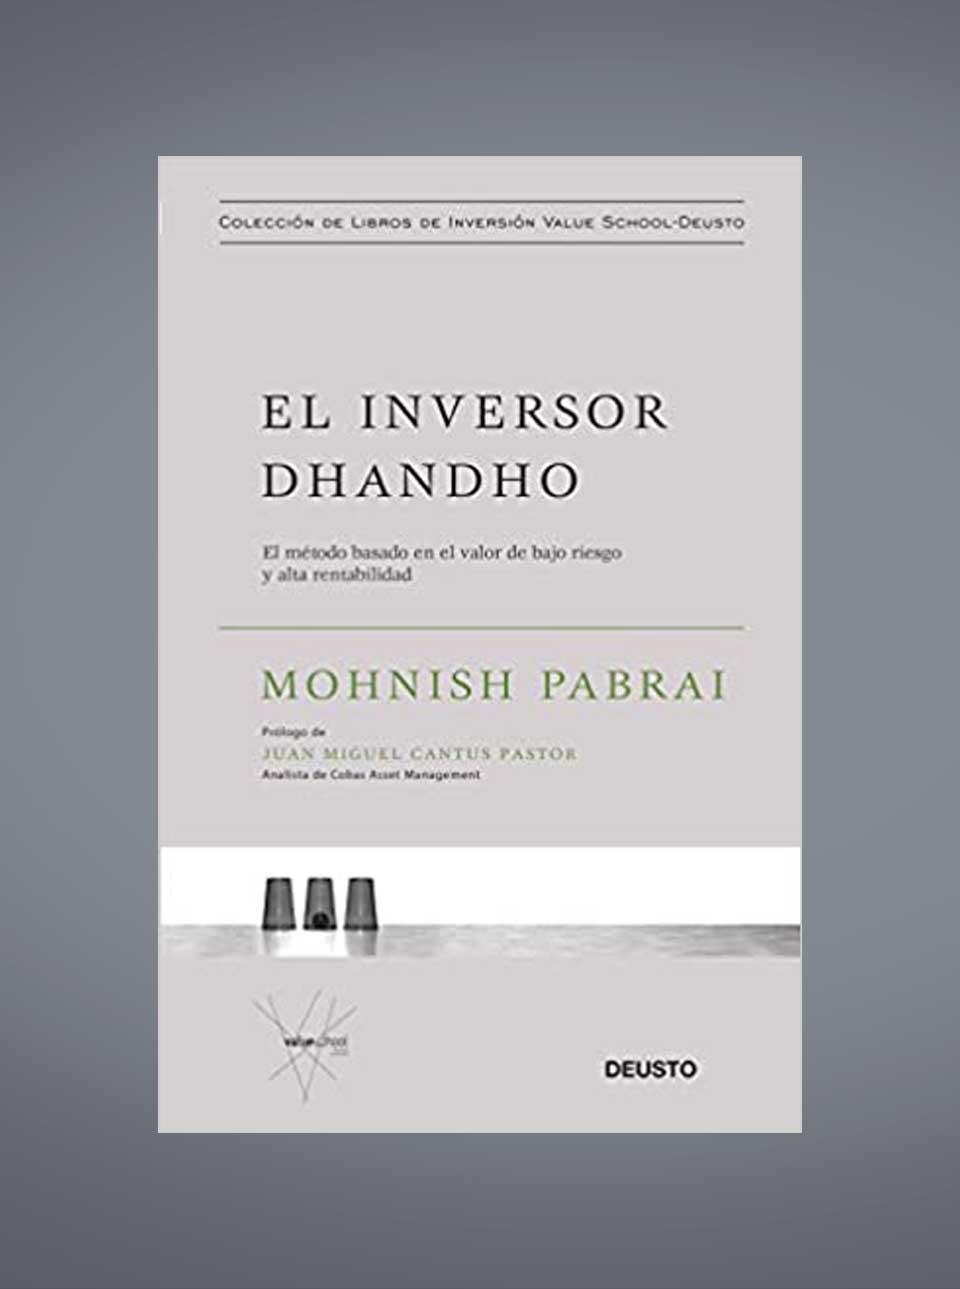 Libro el inversor dhandho de Mohnish Pabrai